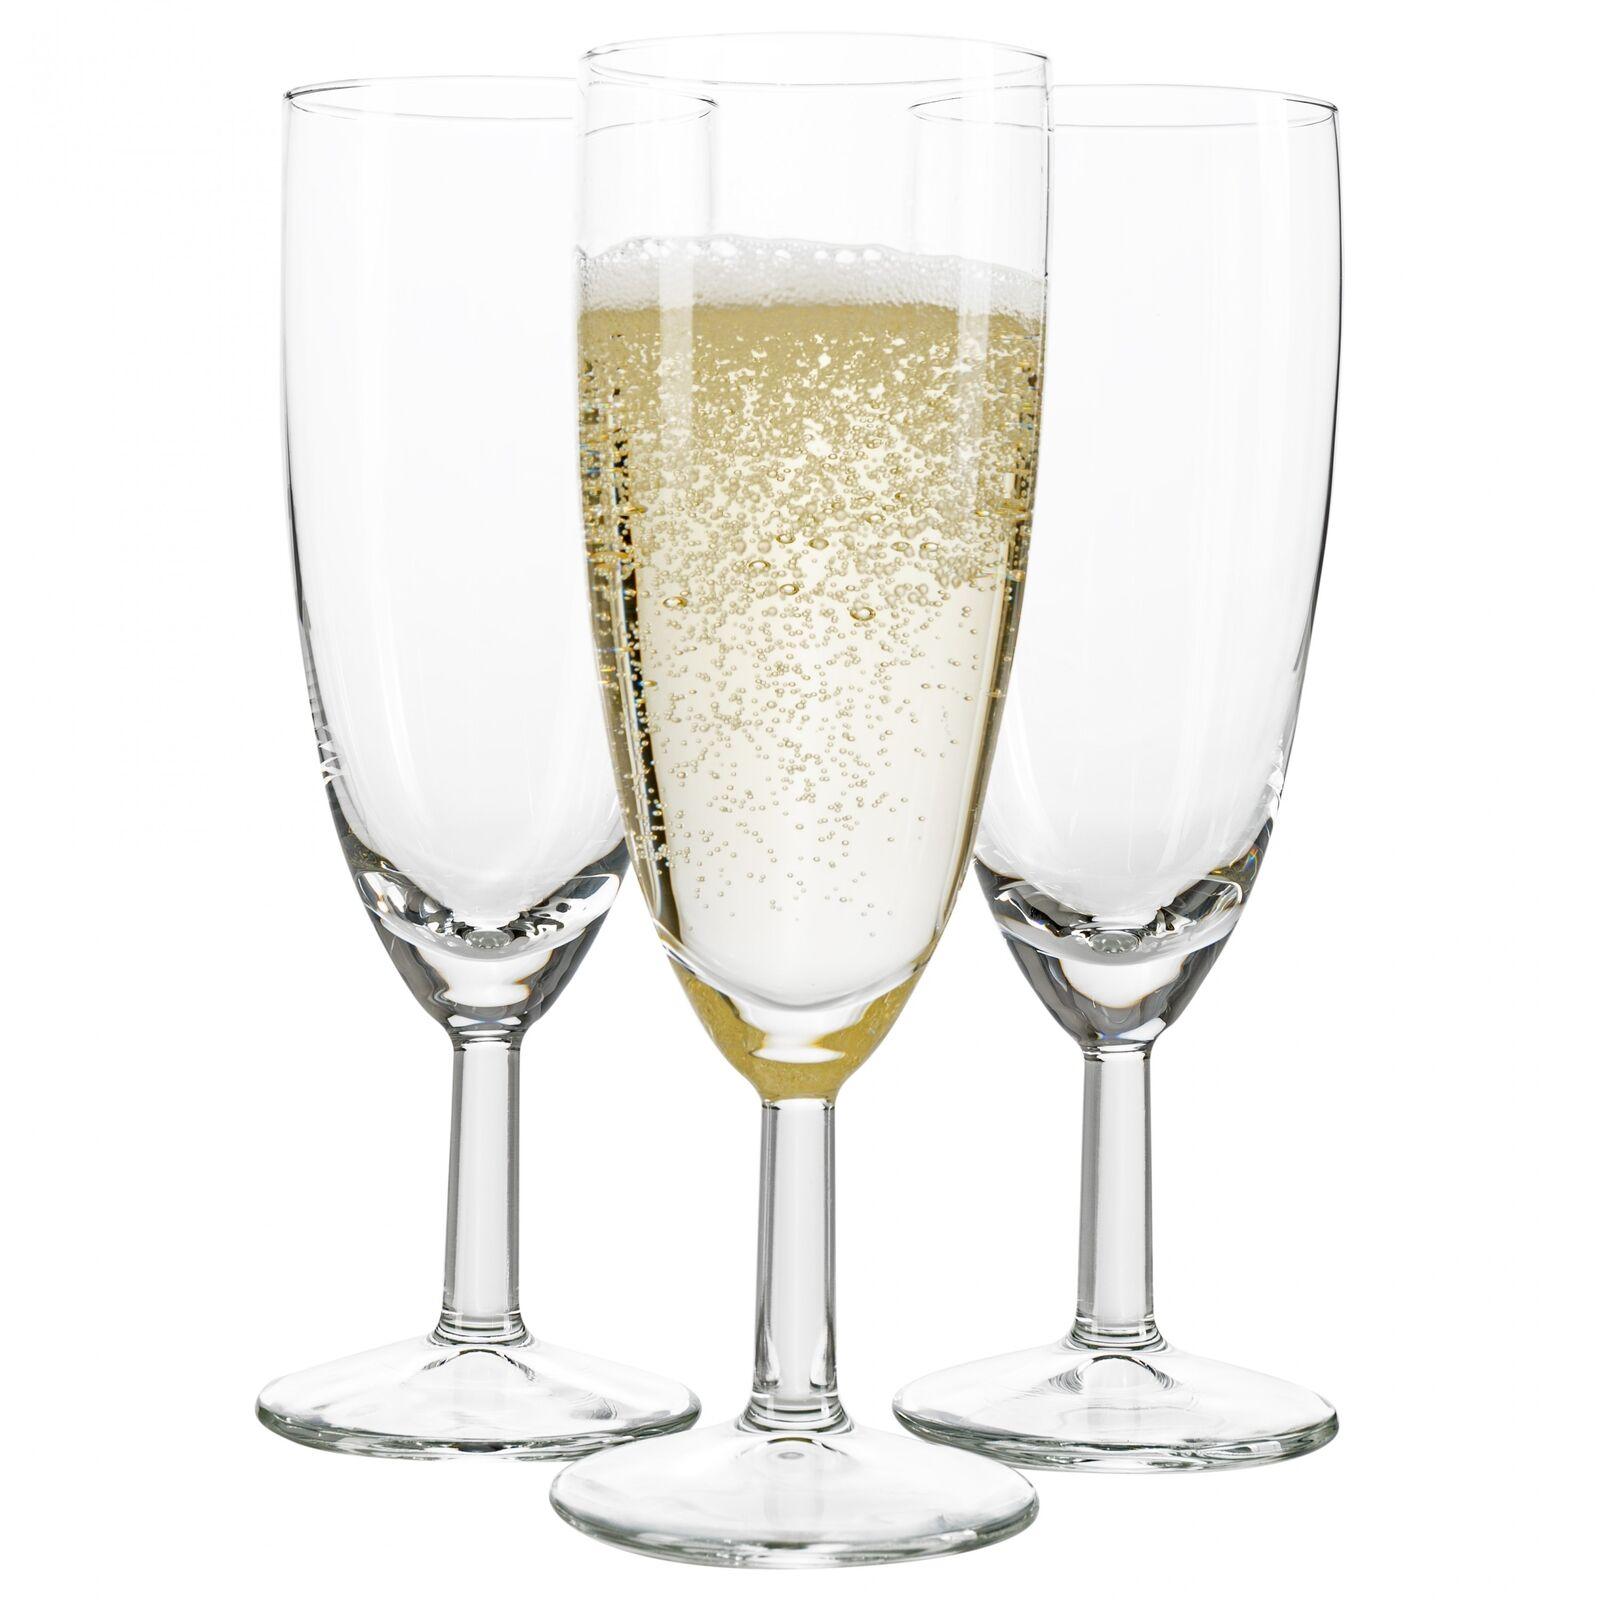 120er Set Royalty Sektgläser 16cl Sektglas Glas Sekt PRosacco PRosacco PRosacco Party 0,1L Gläser | Hohe Qualität und Wirtschaftlichkeit  136fdc